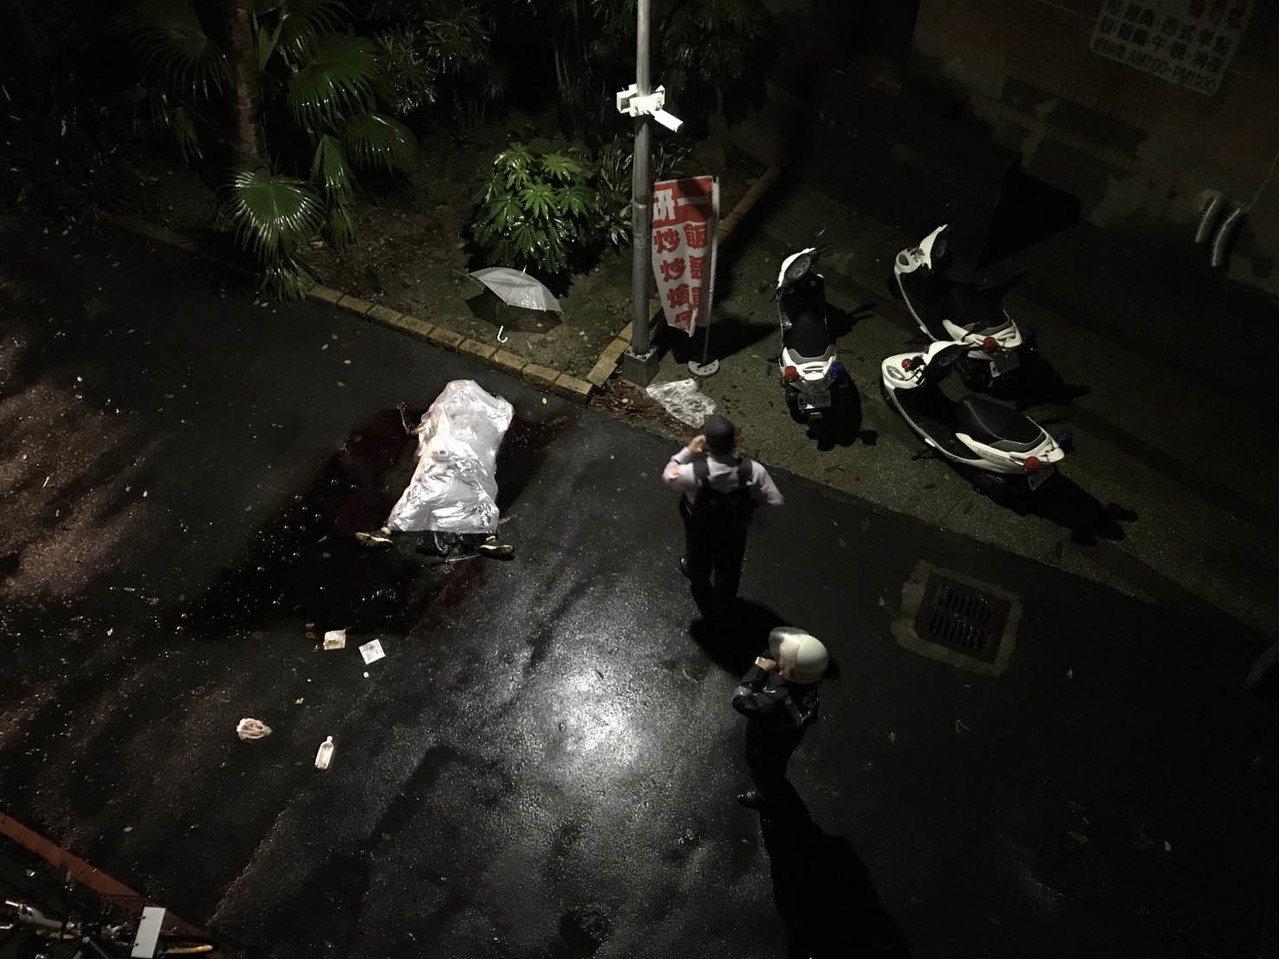 台大校園學生遭潑不明液體 一人死亡